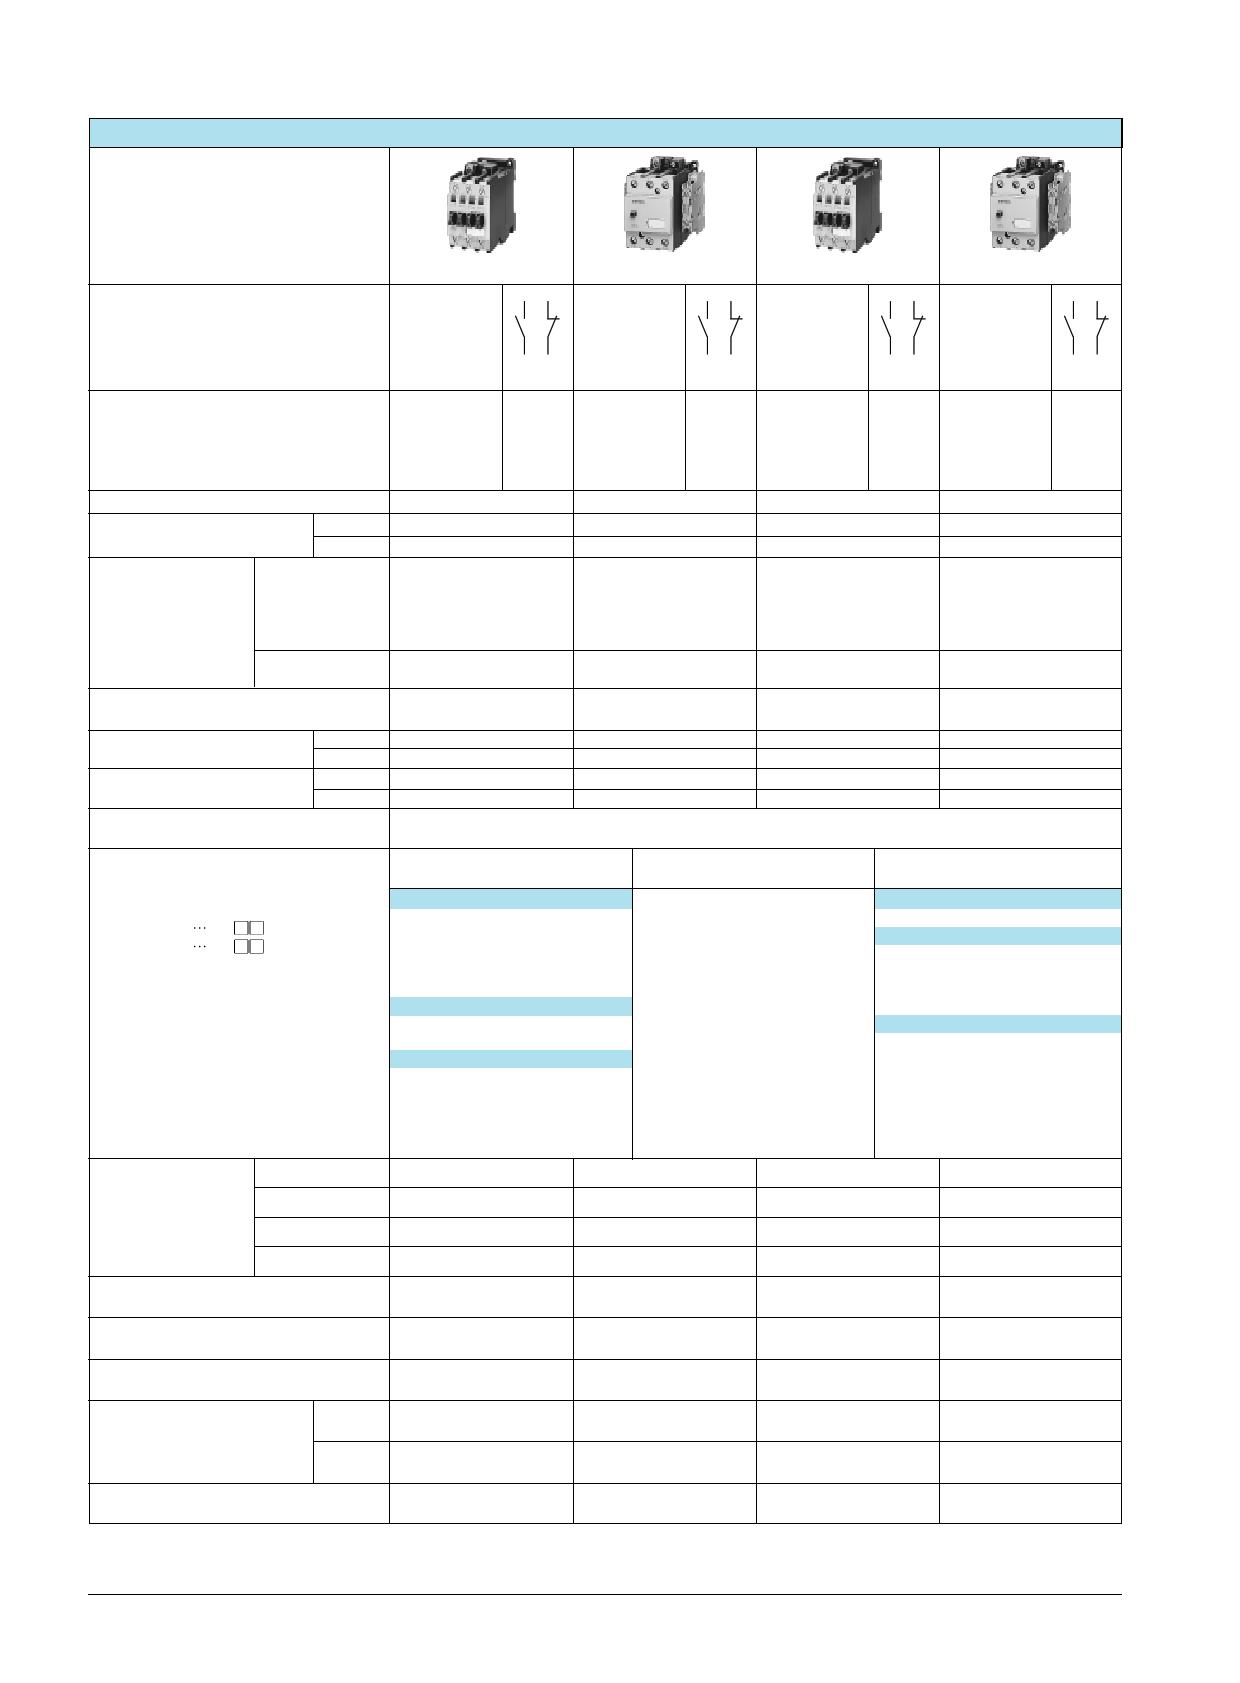 3TF43 pdf, ピン配列